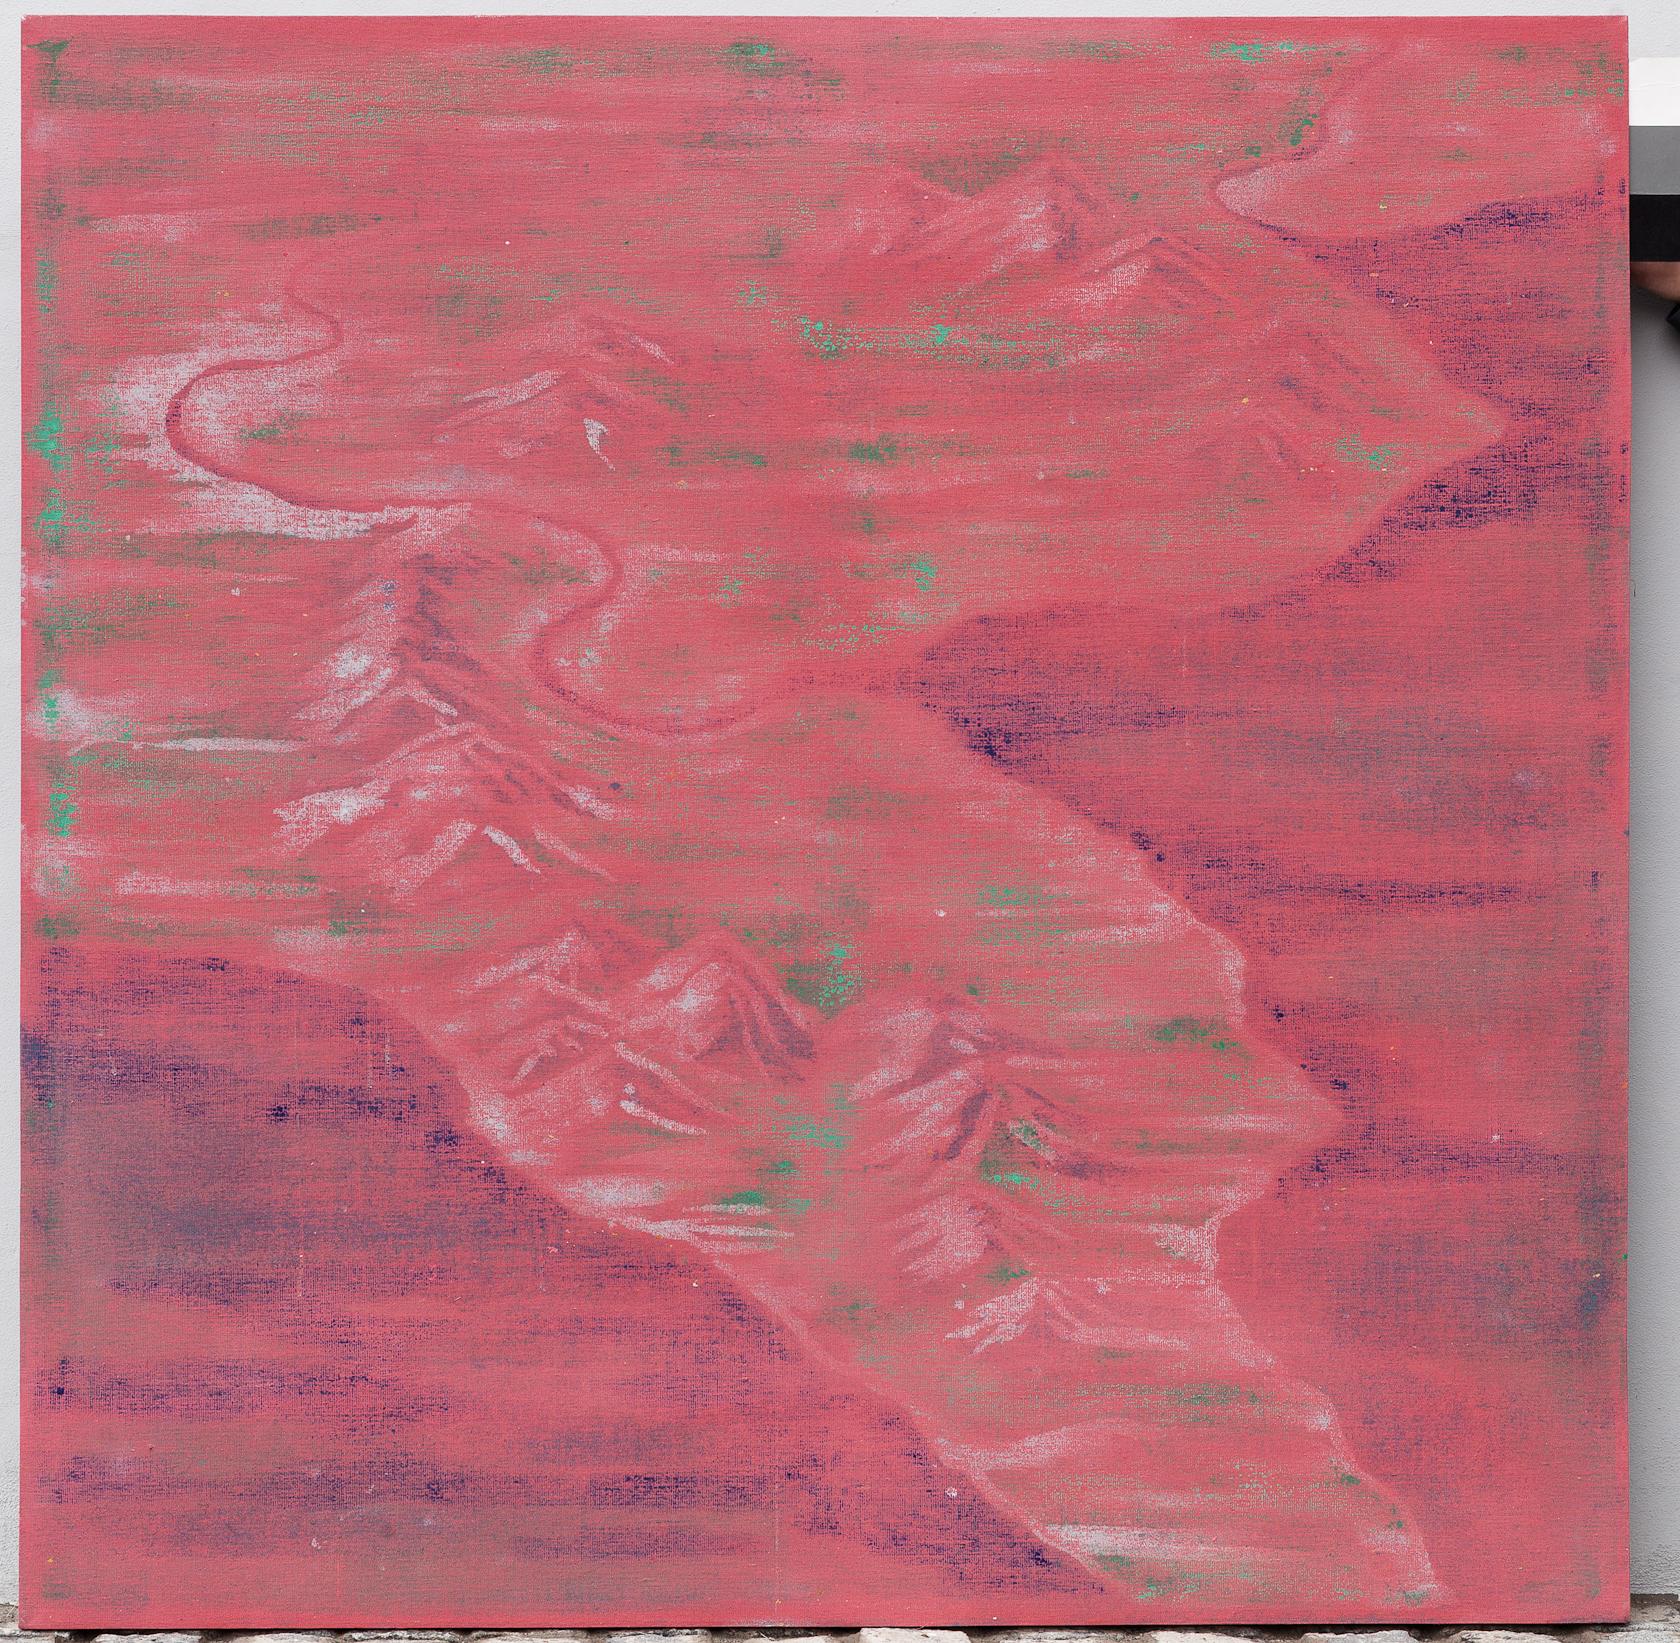 Landscape no. 30 / 160,5 x160,5 cm / mixed media, canvas / 2013